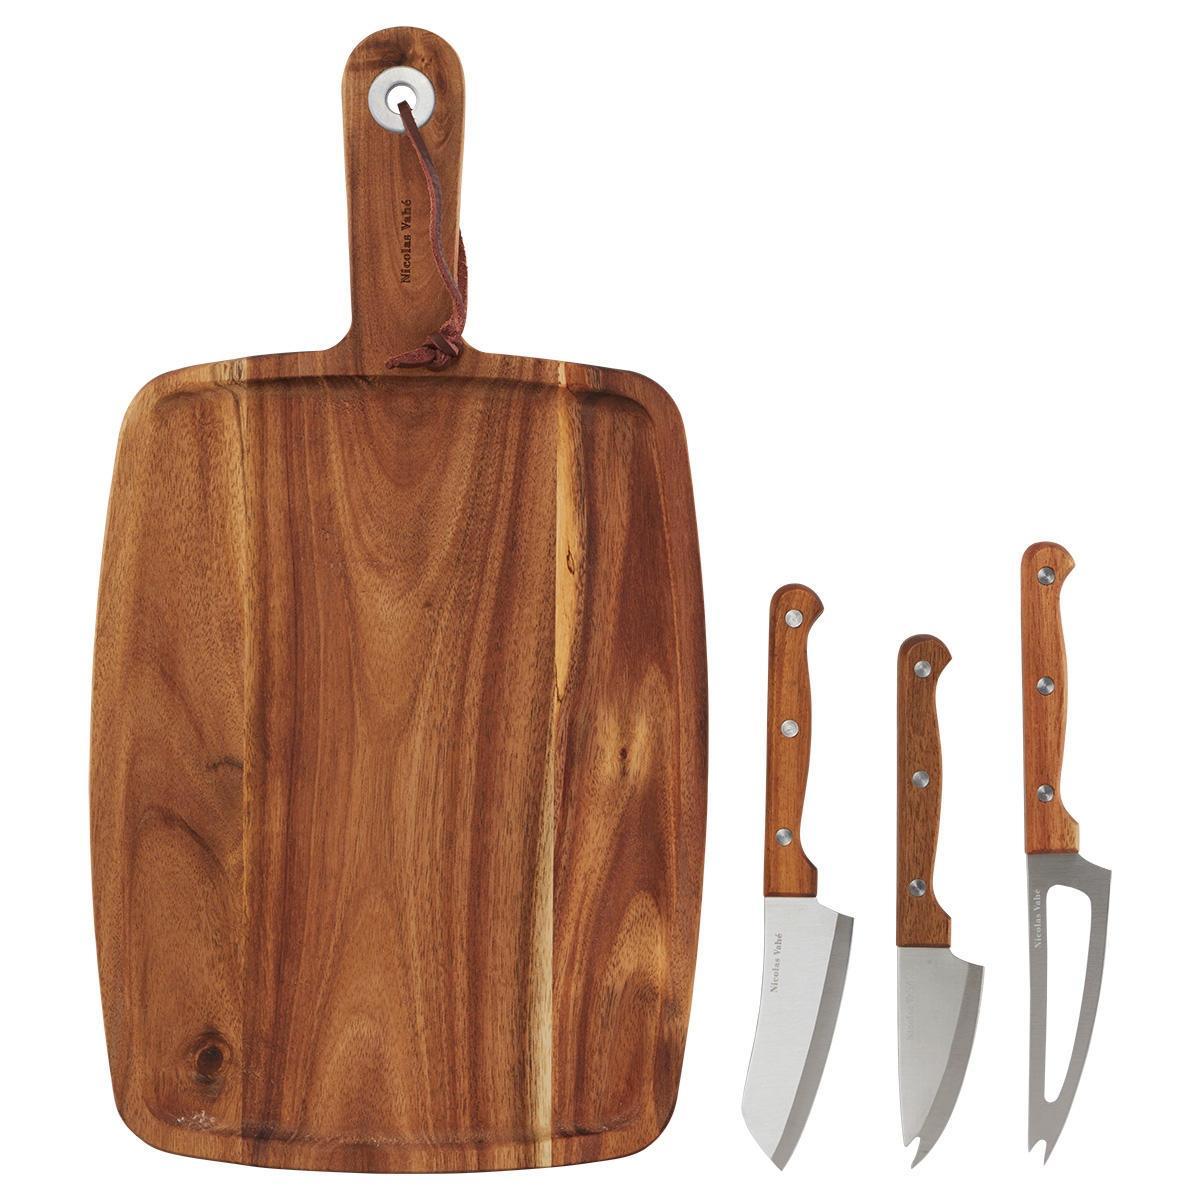 Nicolas Vahé Akáciové prkénko + 3 nože na sýr, hnědá barva, dřevo, kov